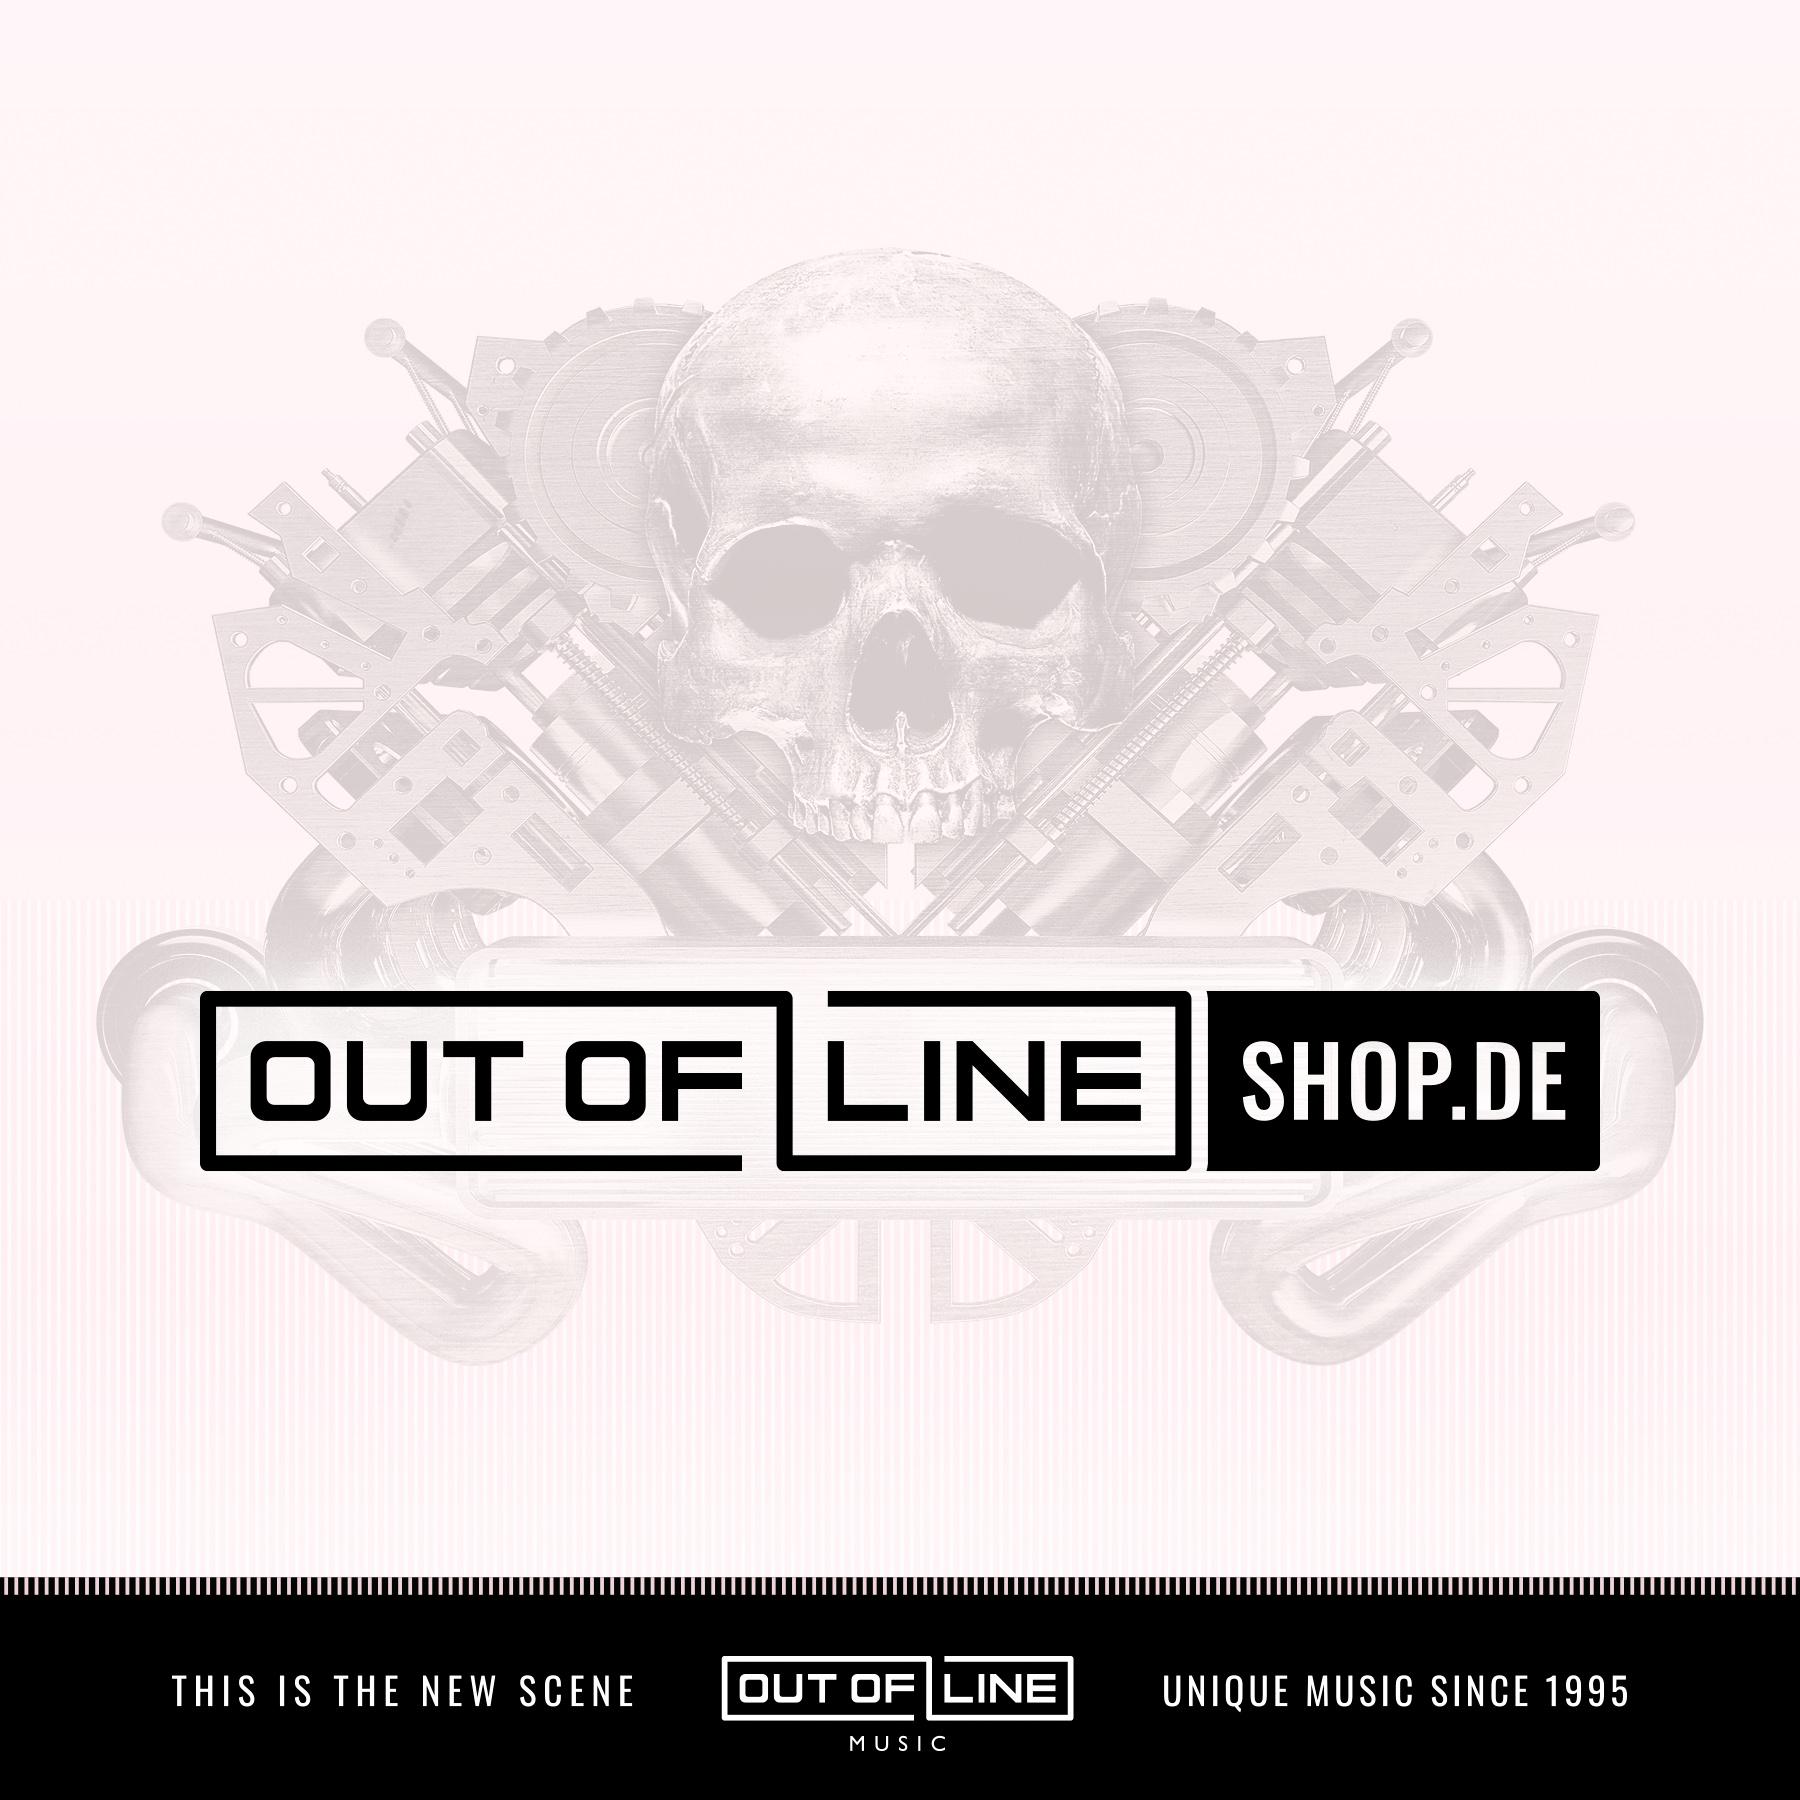 Rummelsnuff - Kalender 2021 (Limited Edition Signed) - Kalender